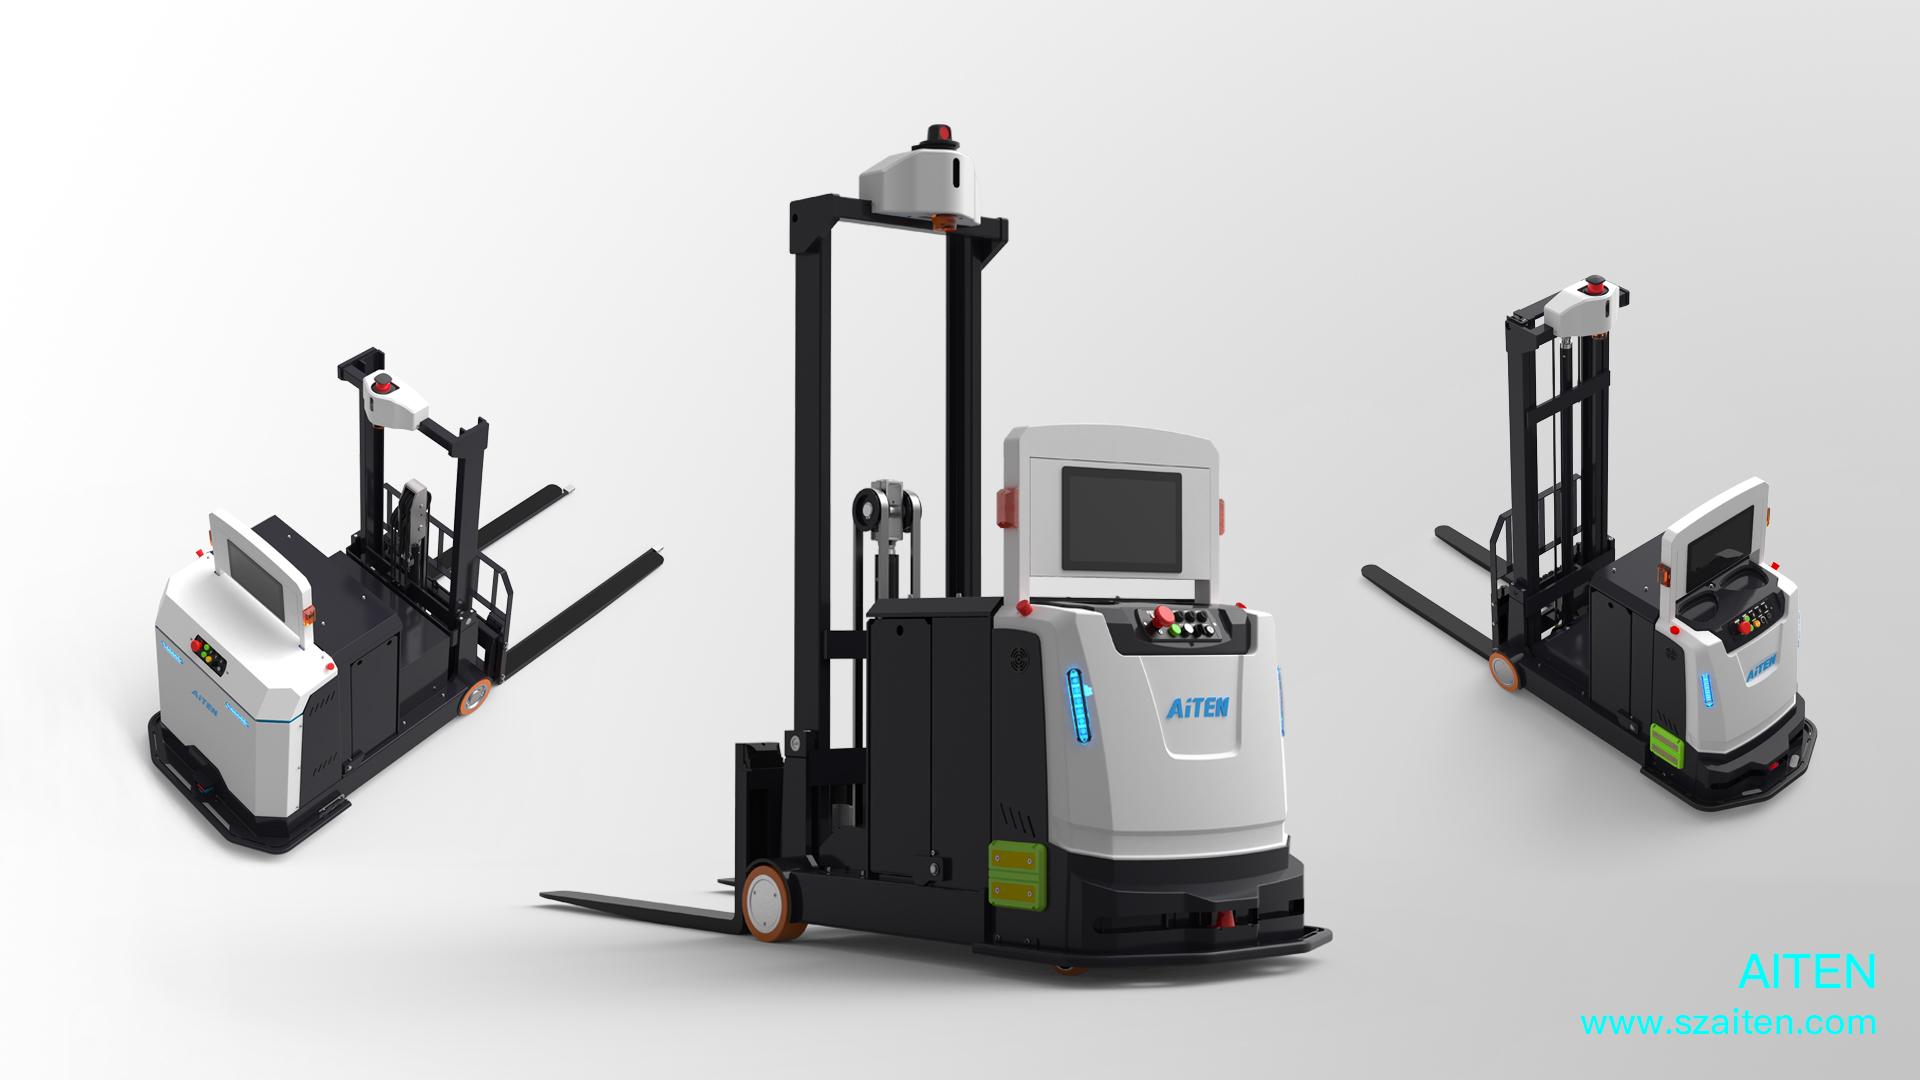 海豚之星AGV机器人完善弊端,扩大优势,将不断前进